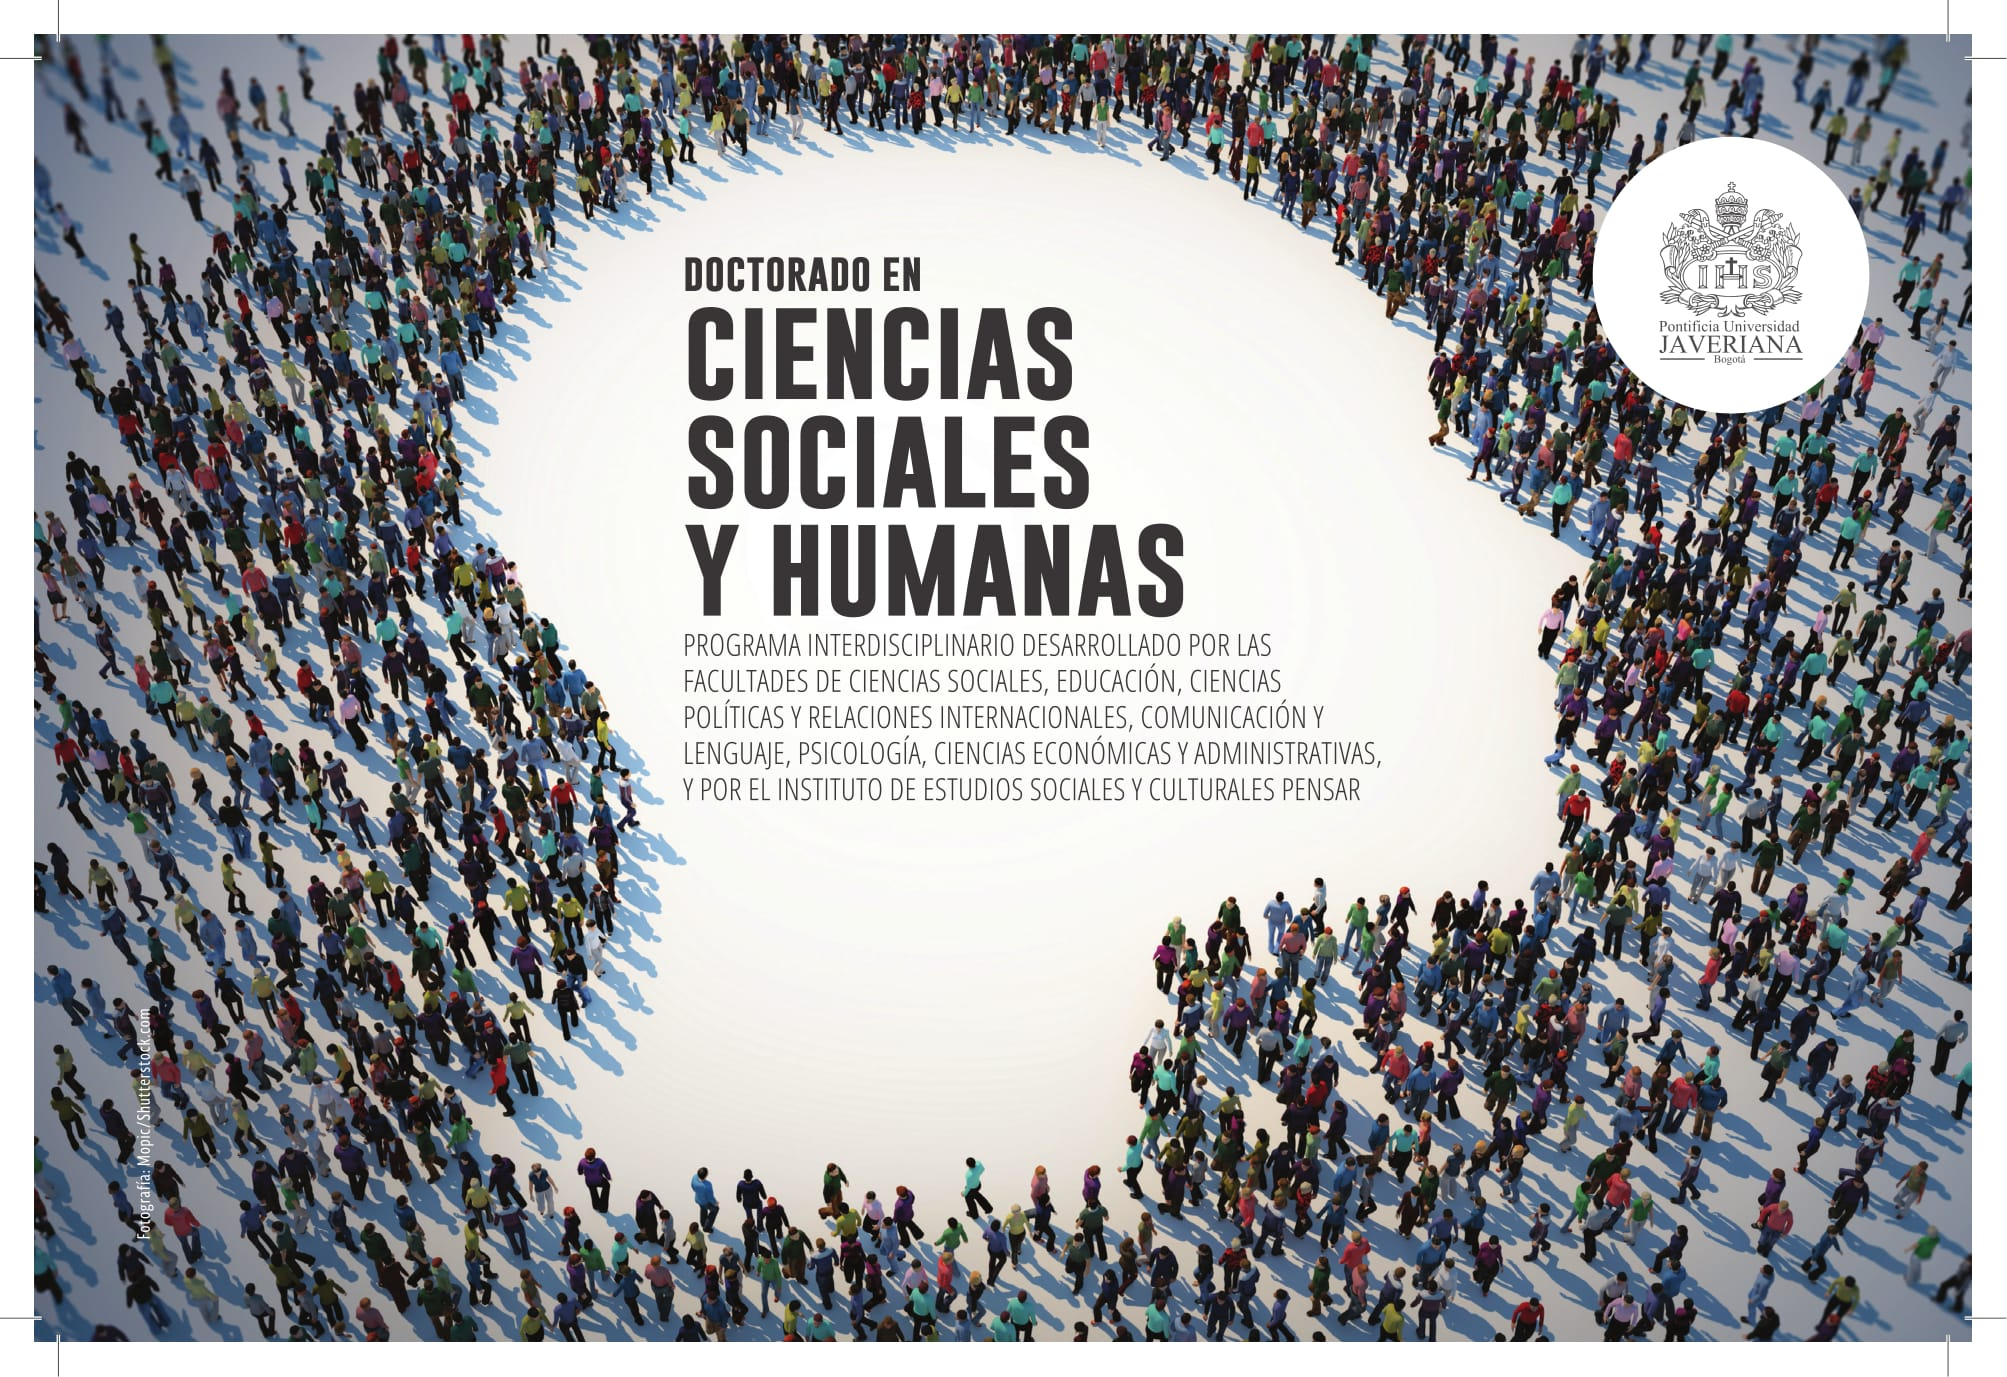 Maestría en Bioética | Pontificia Universidad Javeriana